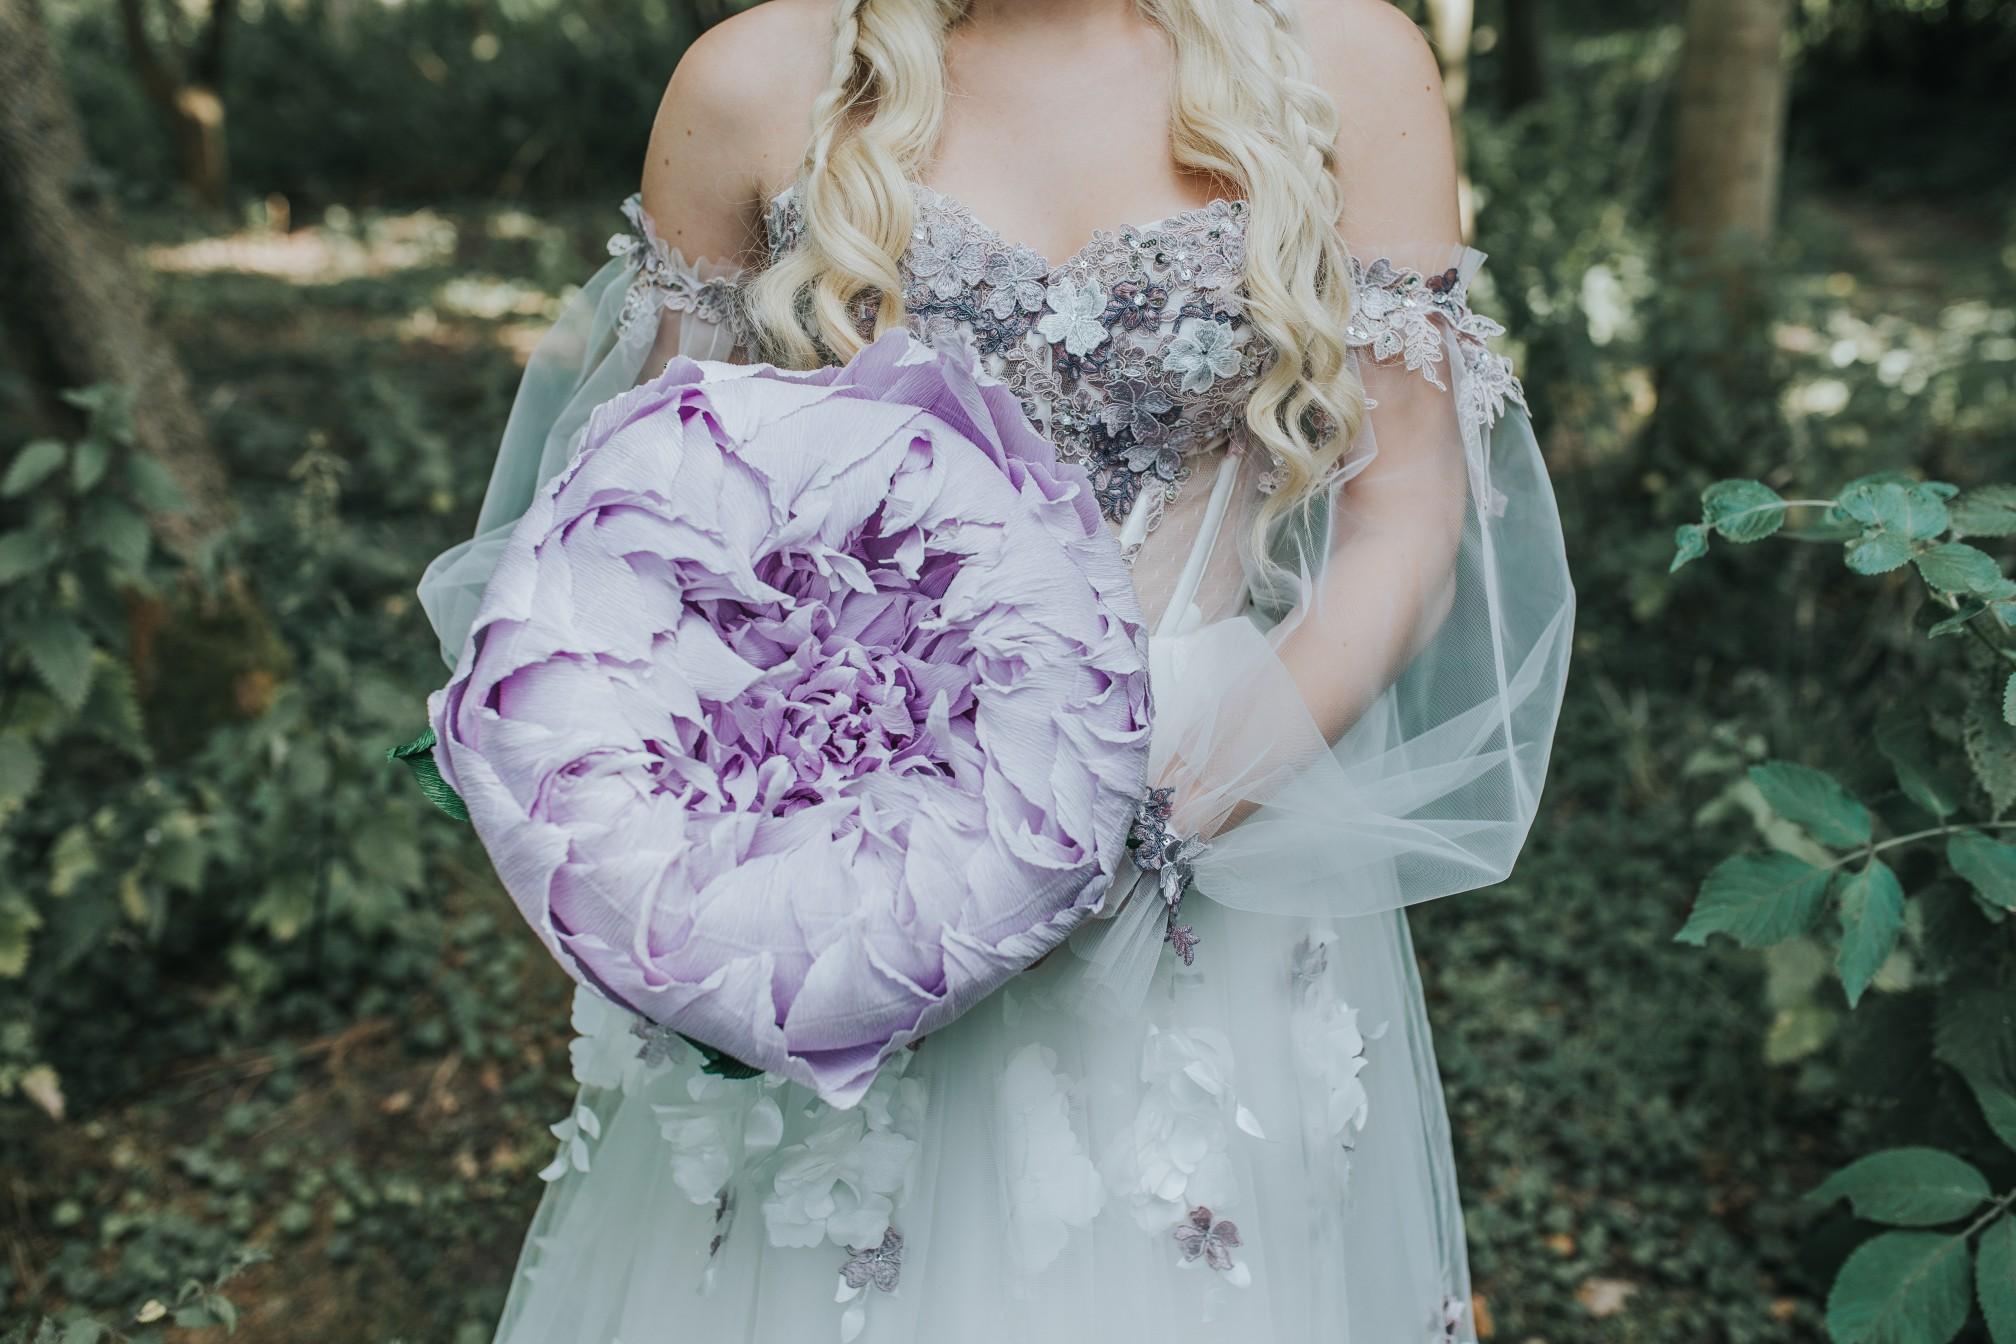 fairy wedding - whimsical wedding - magical wedding - elegant wedding dress - paper wedding flowers - alternative wedding bouquet